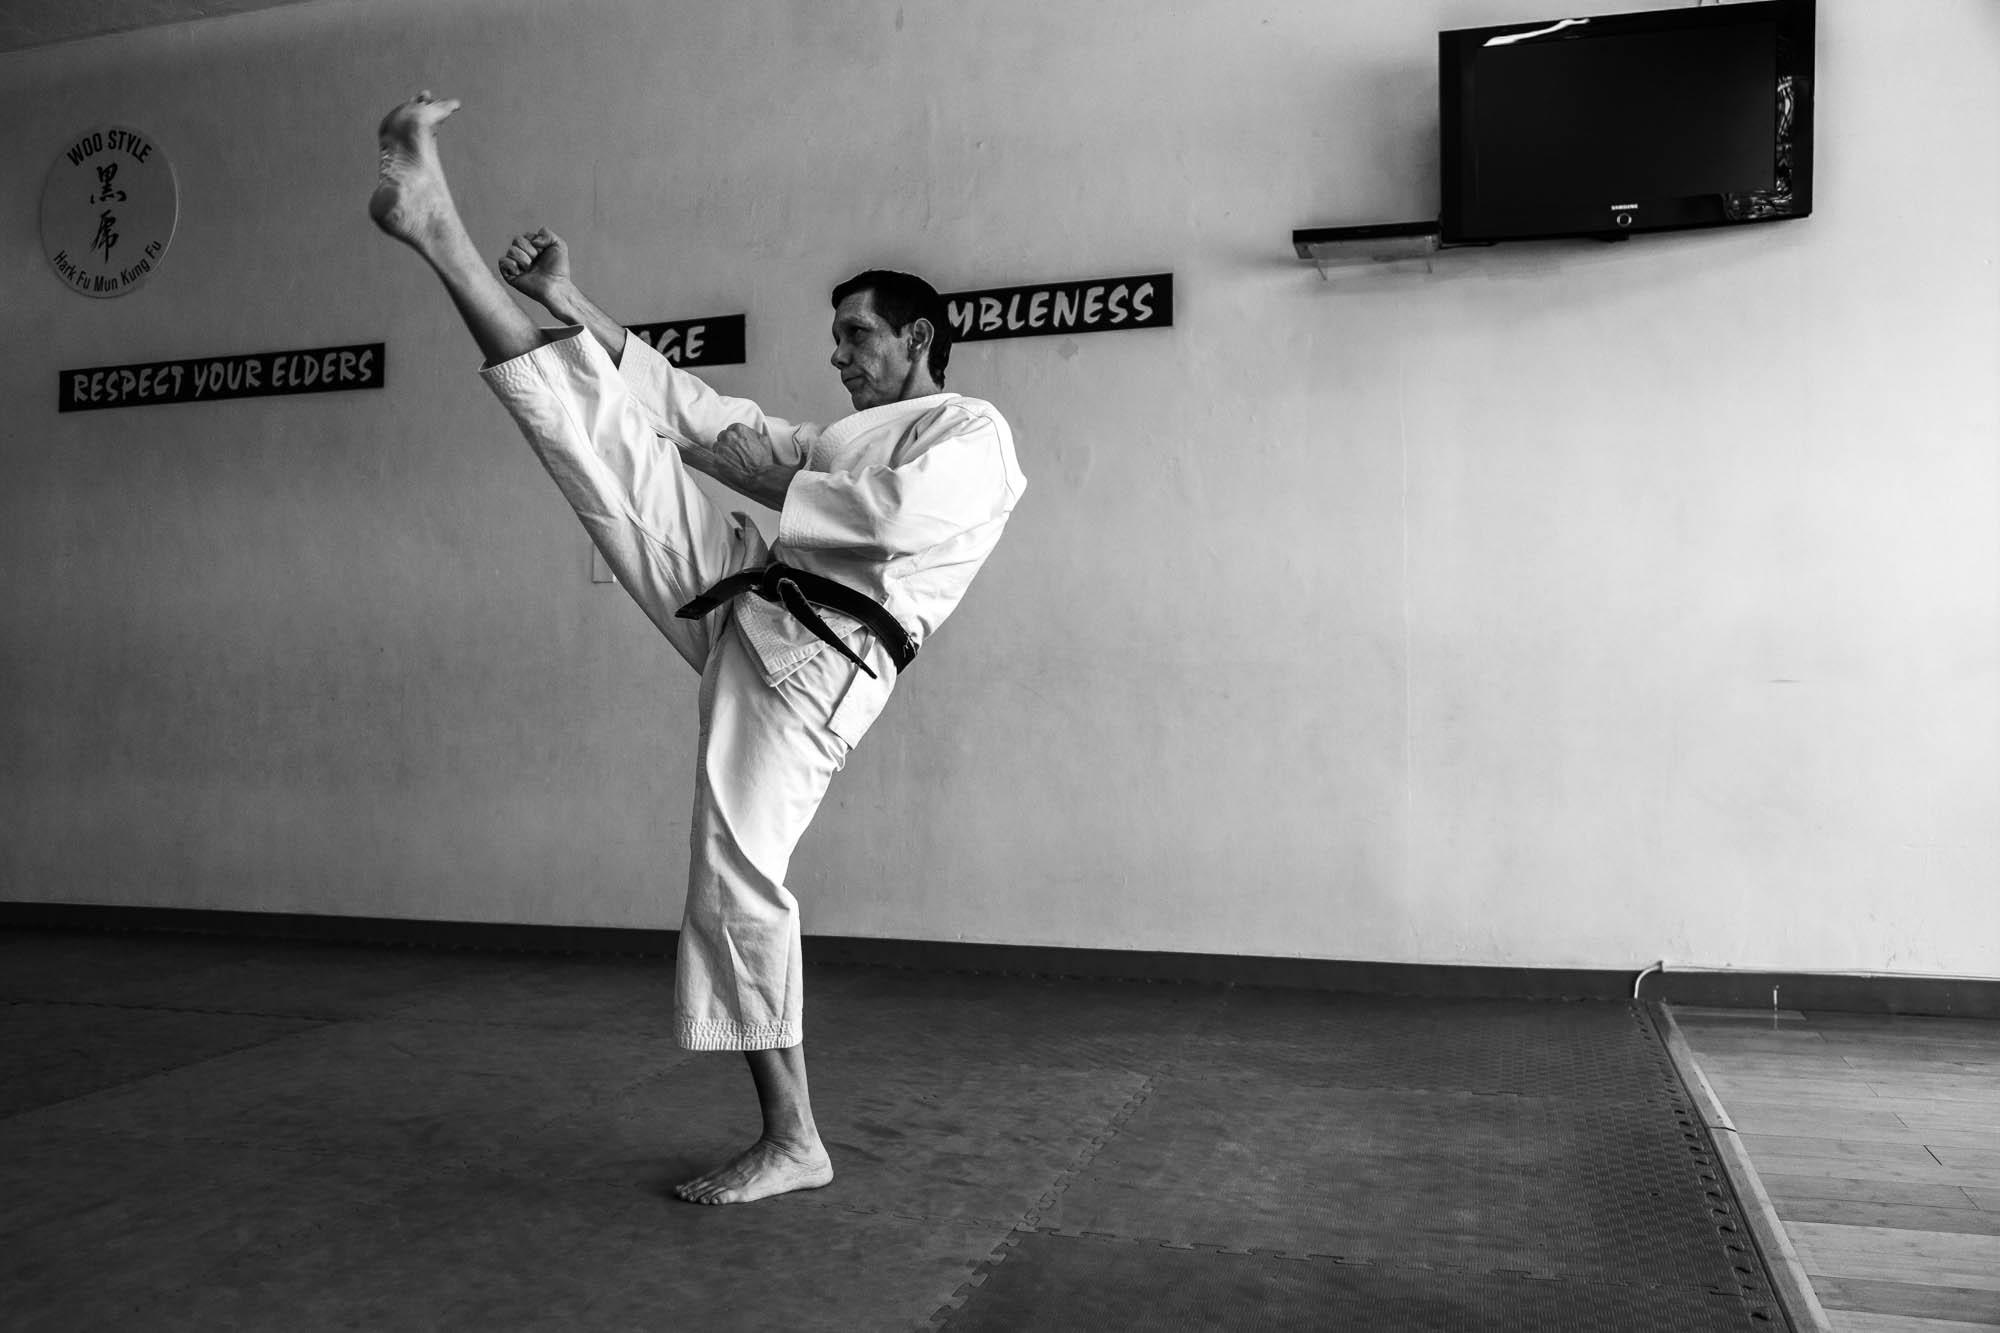 180906_Stock_Karate_4045_AnthonyMoreira.jpg